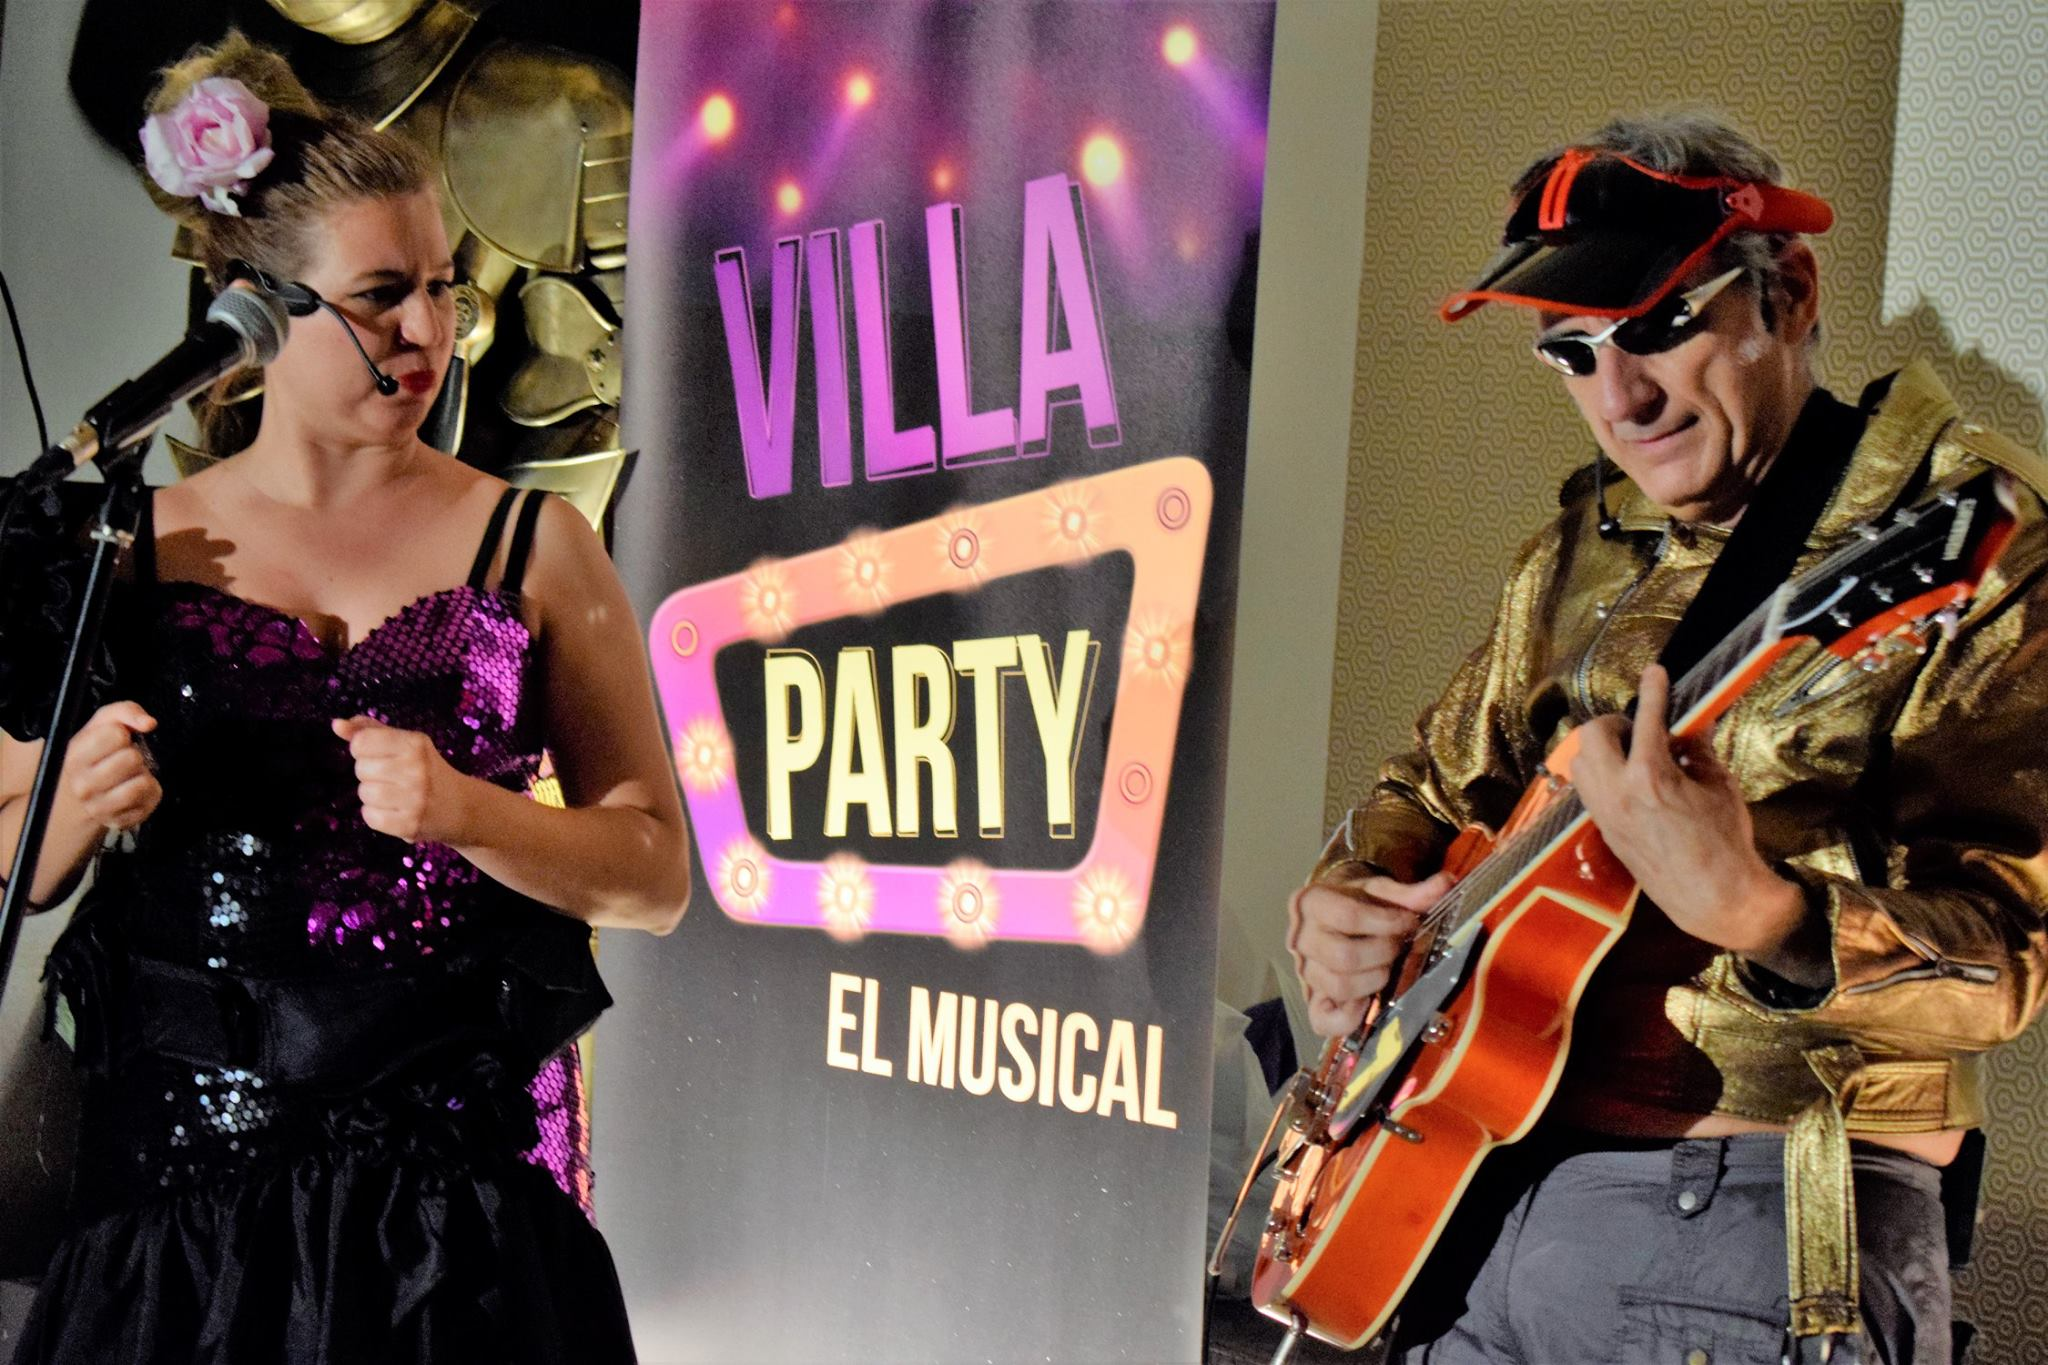 Villa Party